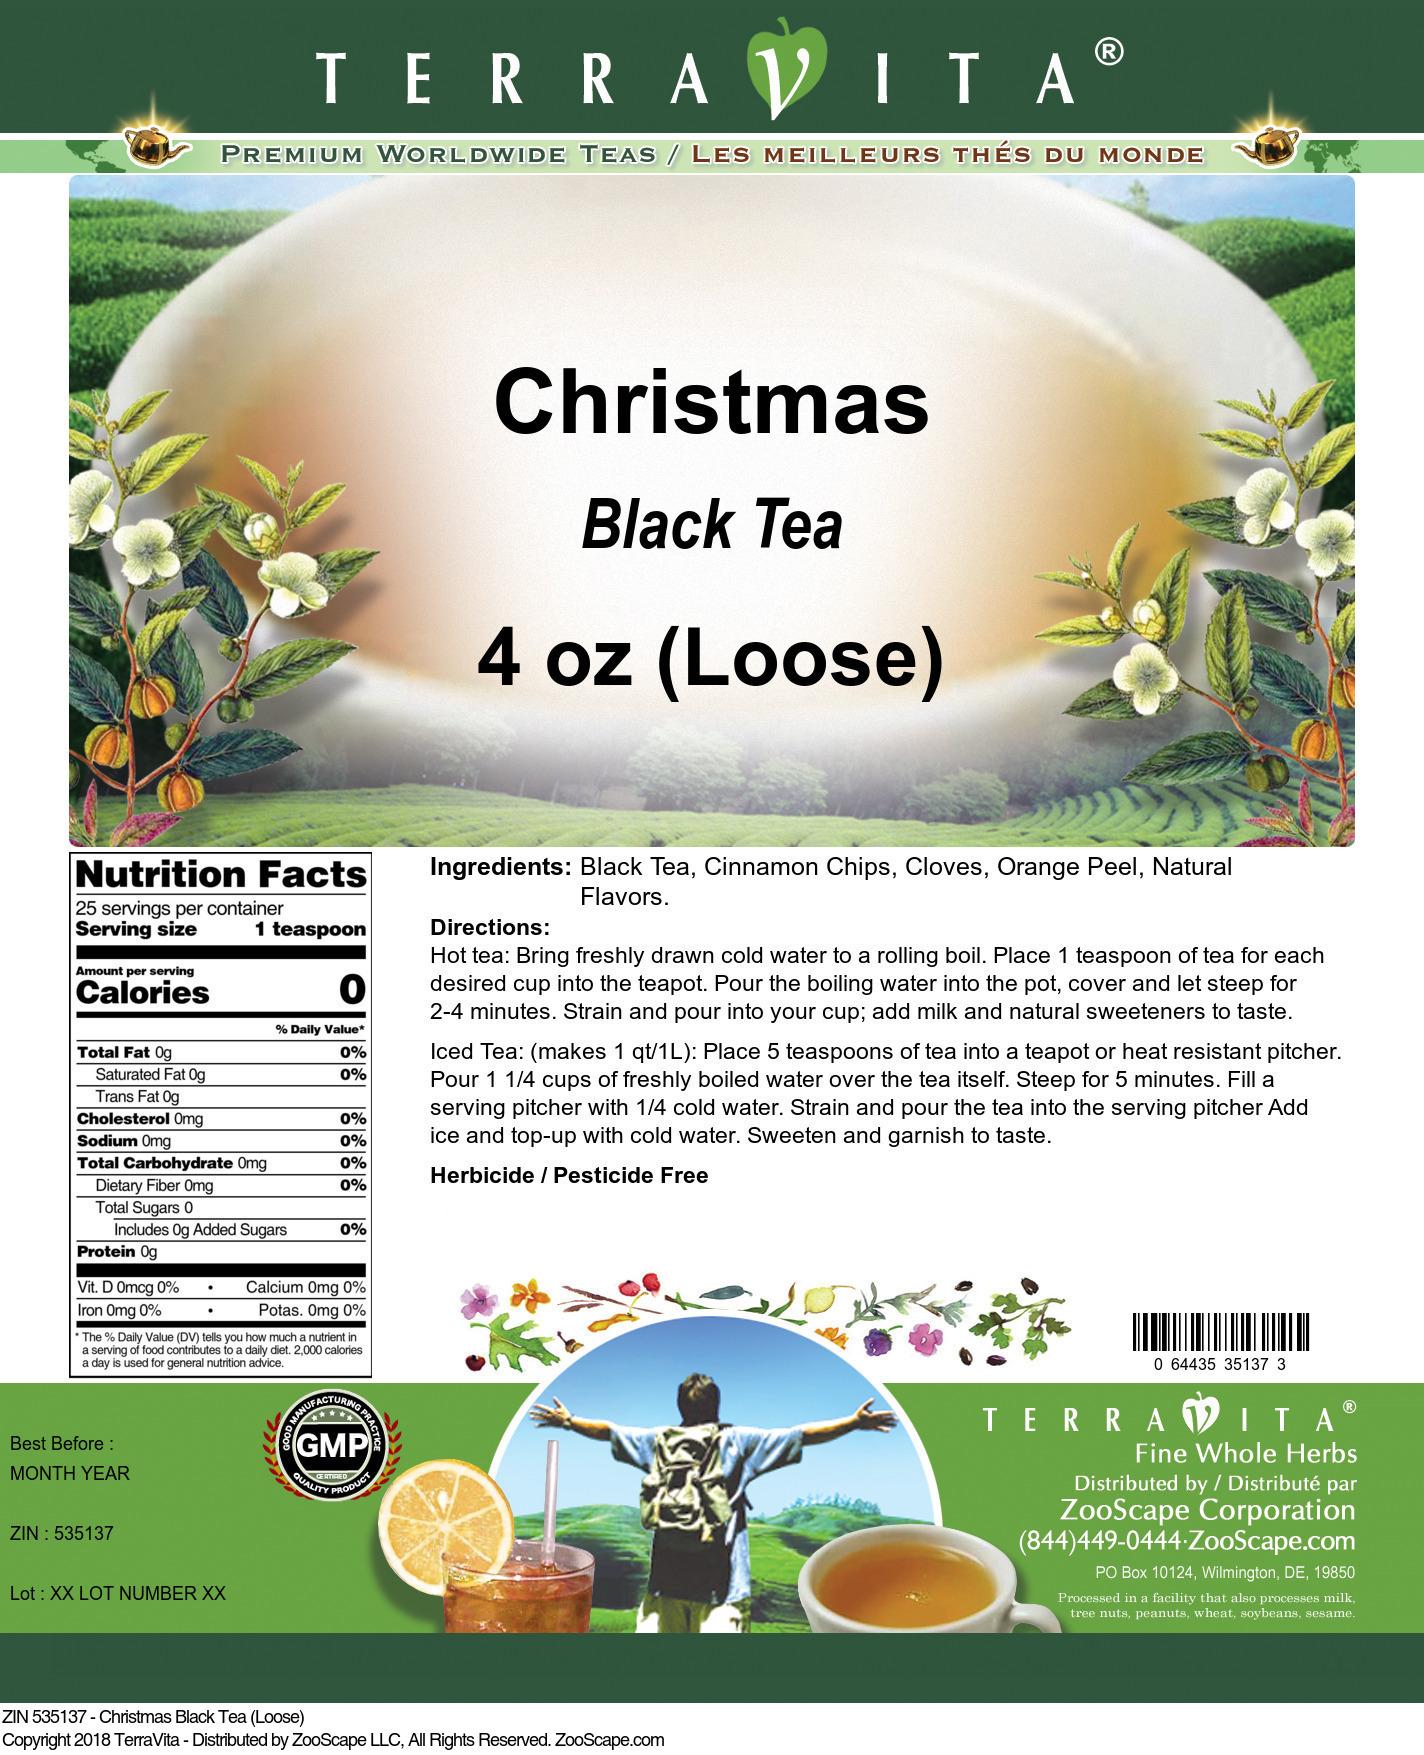 Christmas Black Tea (Loose)